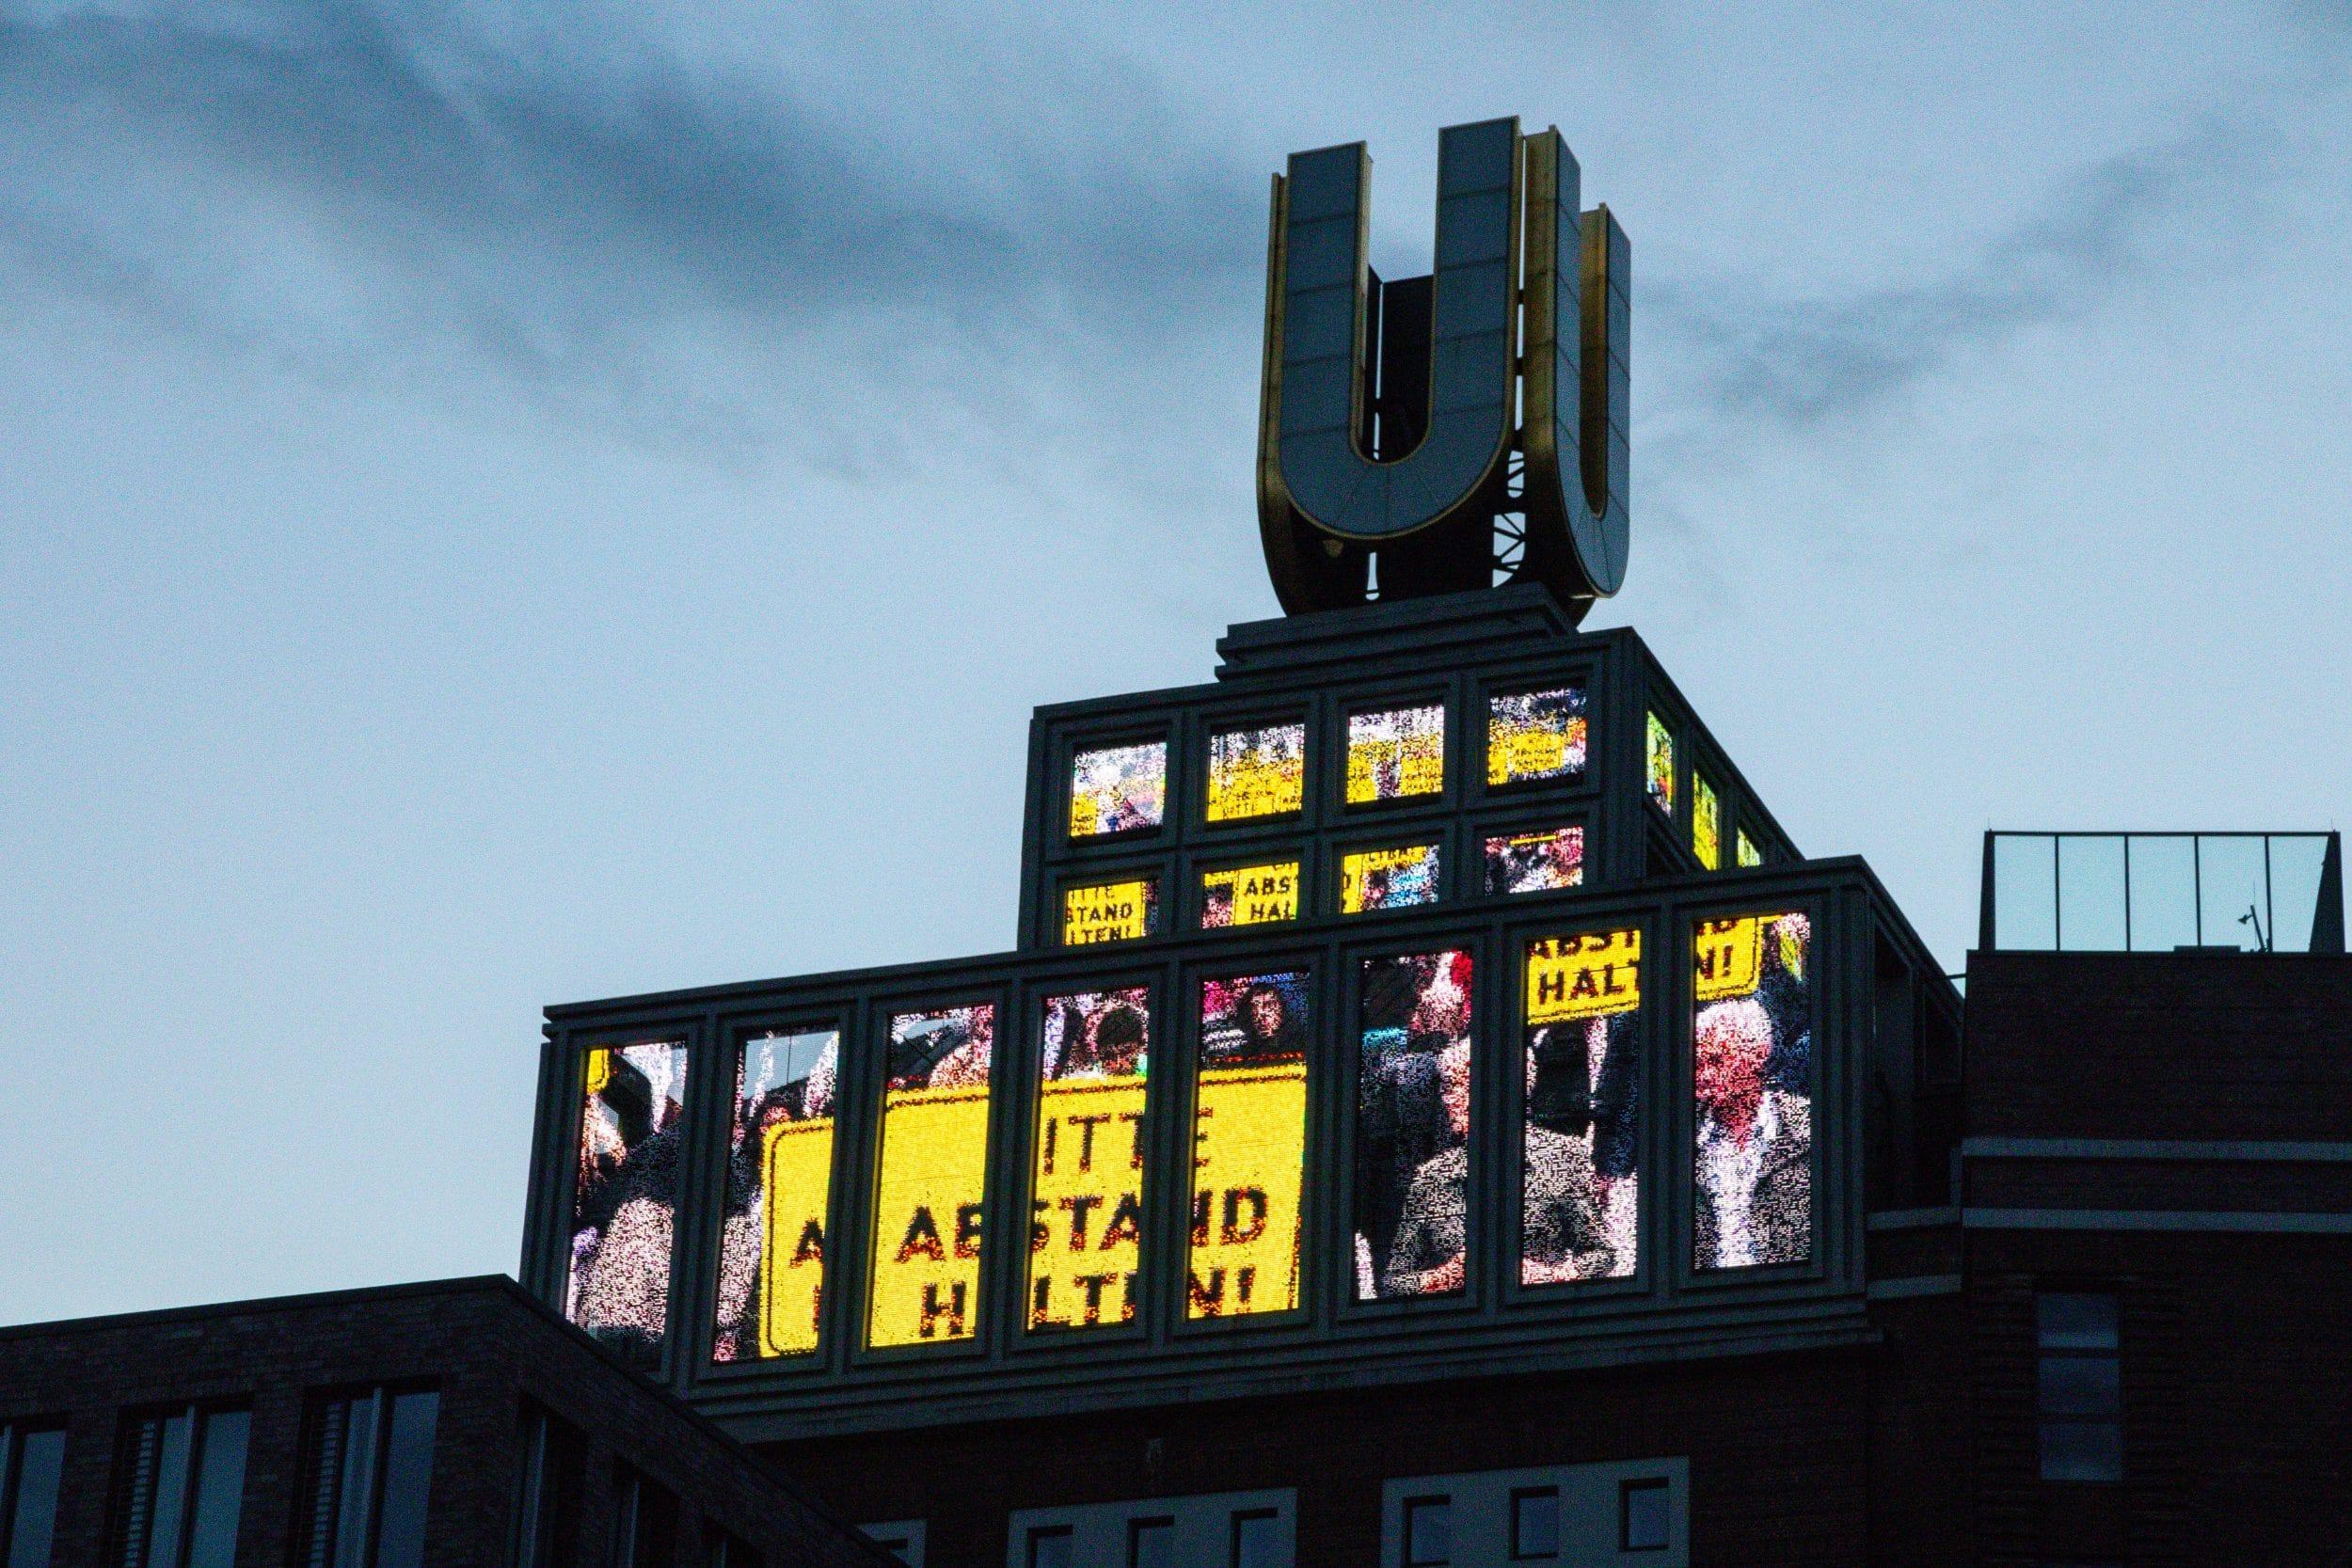 """Die """"Fliegenden Bilder"""" am Dortmunder U sind in die Jahre gekommen und teils beschädigt. Nun startet die Erneuerung. (Foto: IN-StadtMagazine)"""